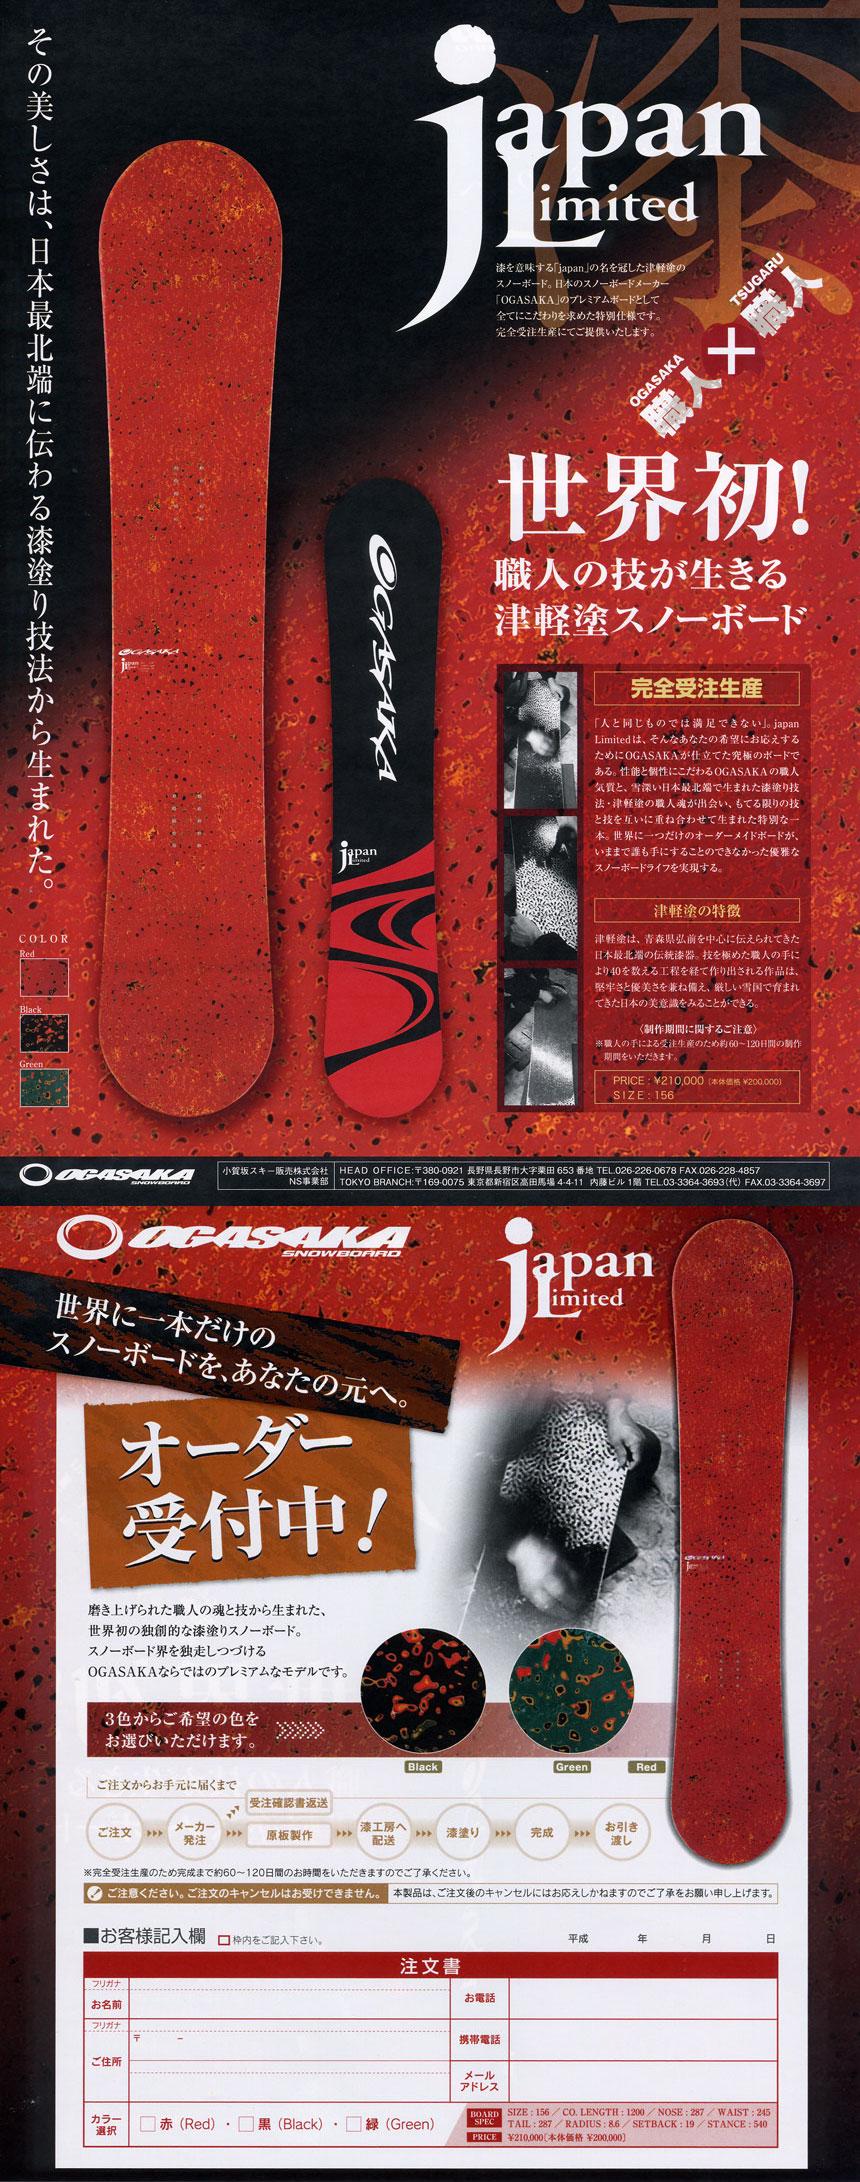 12ogasaka_japan_limited